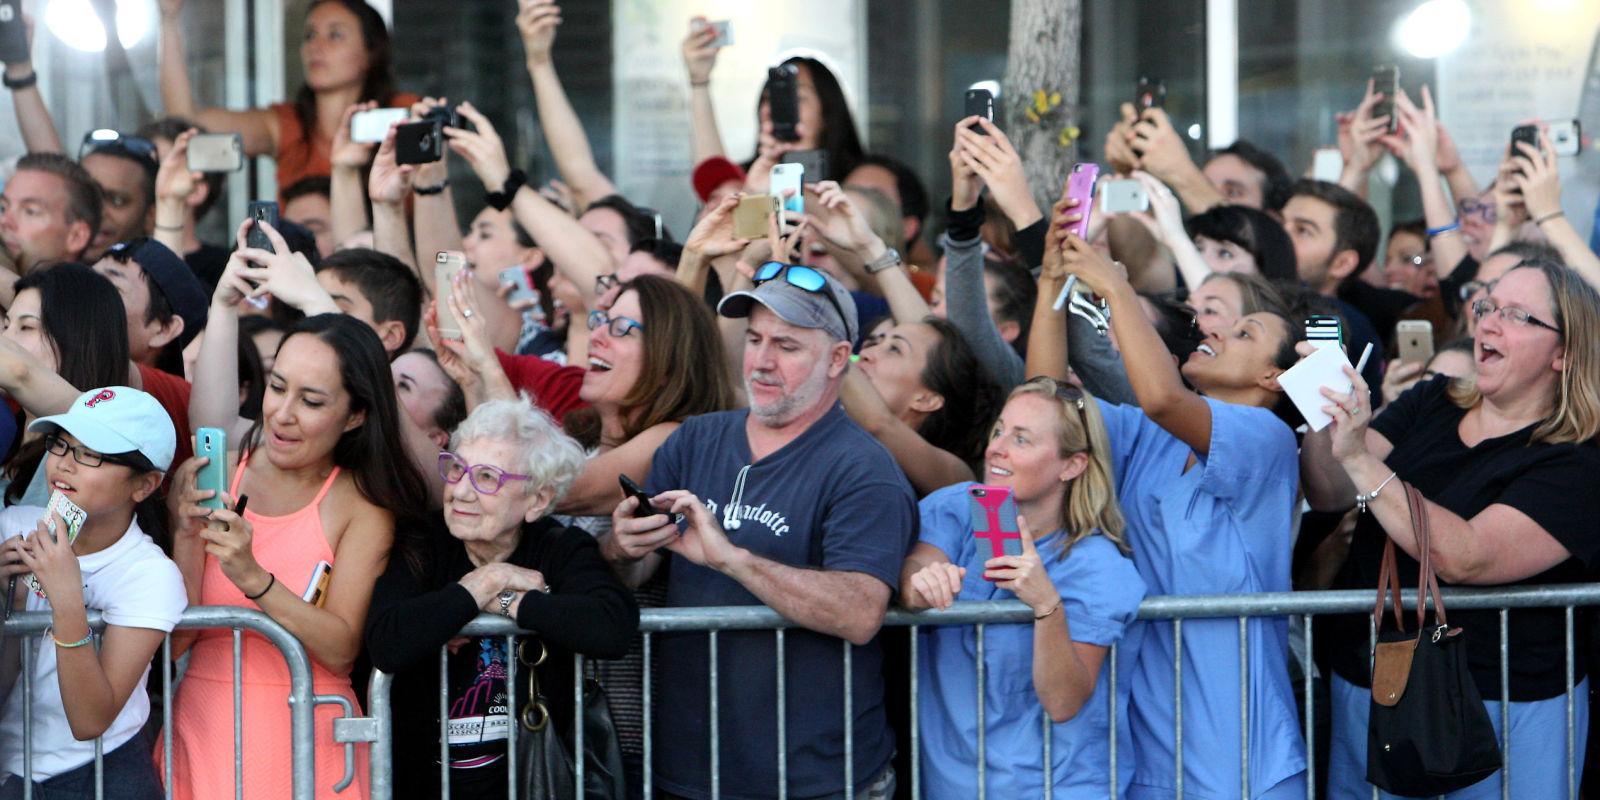 Просто женщины все делают это фото 15 фотография